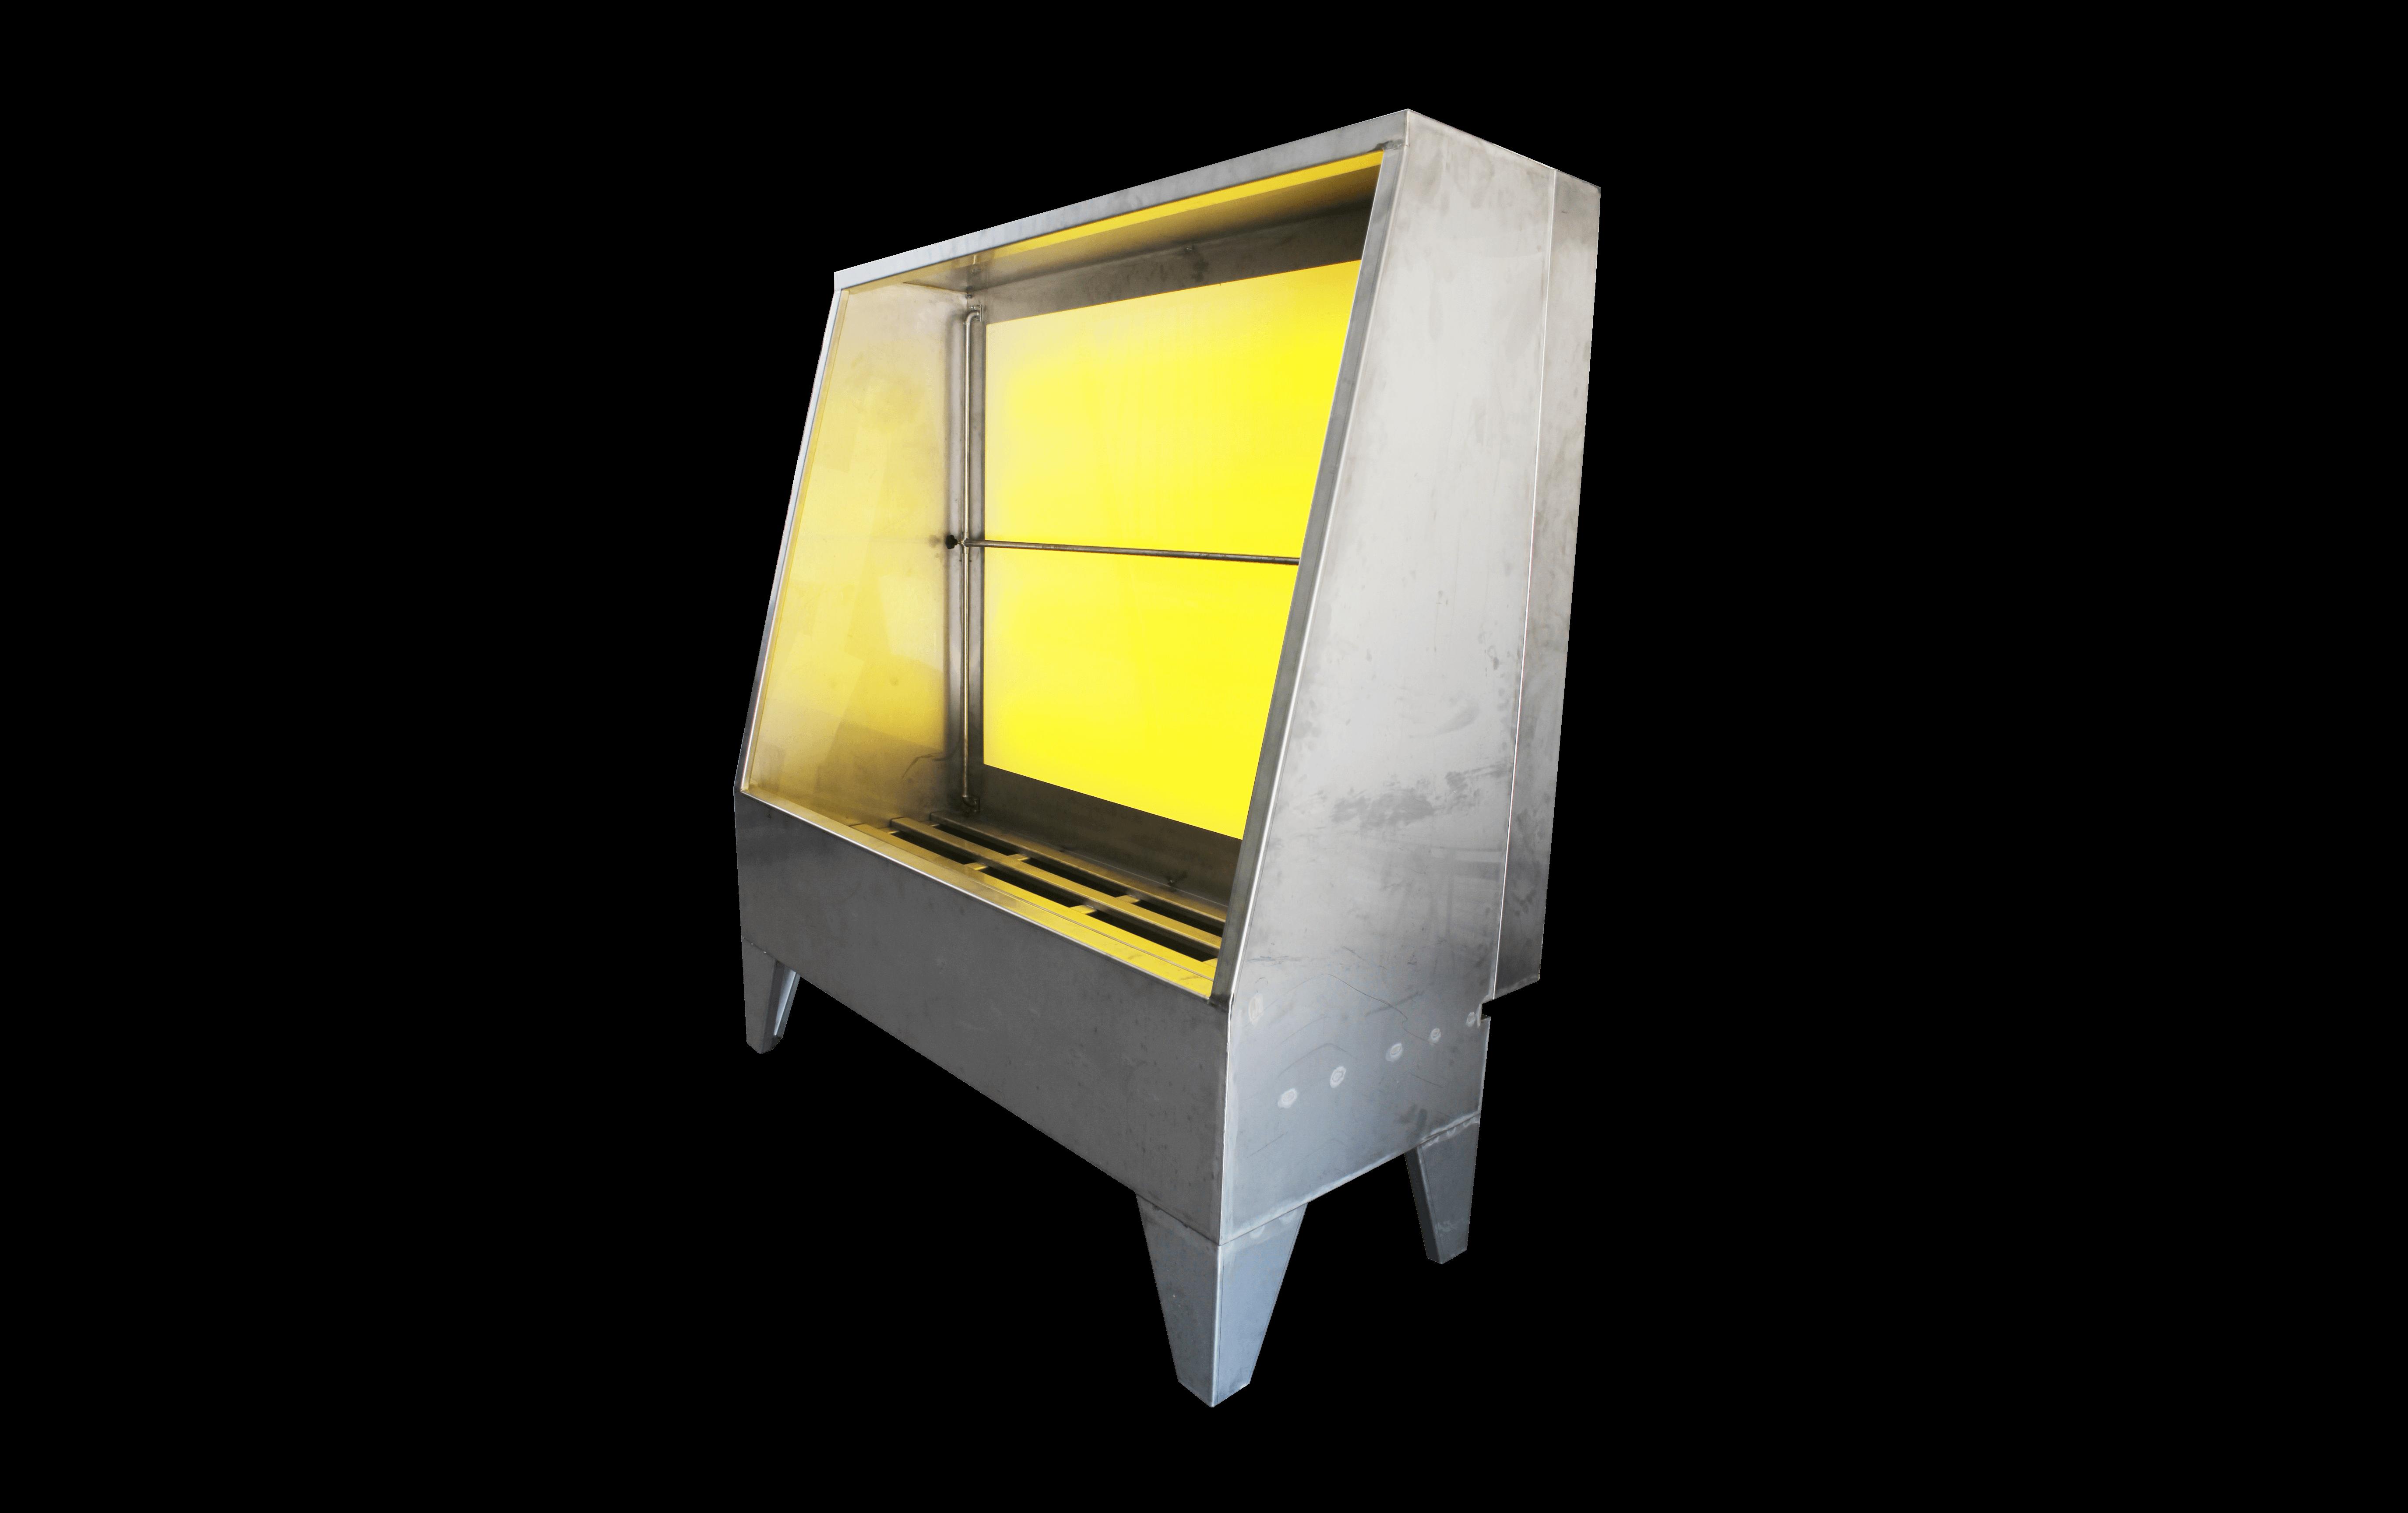 Cabina para apertura de marcos para serigrafía y cabina de limpieza